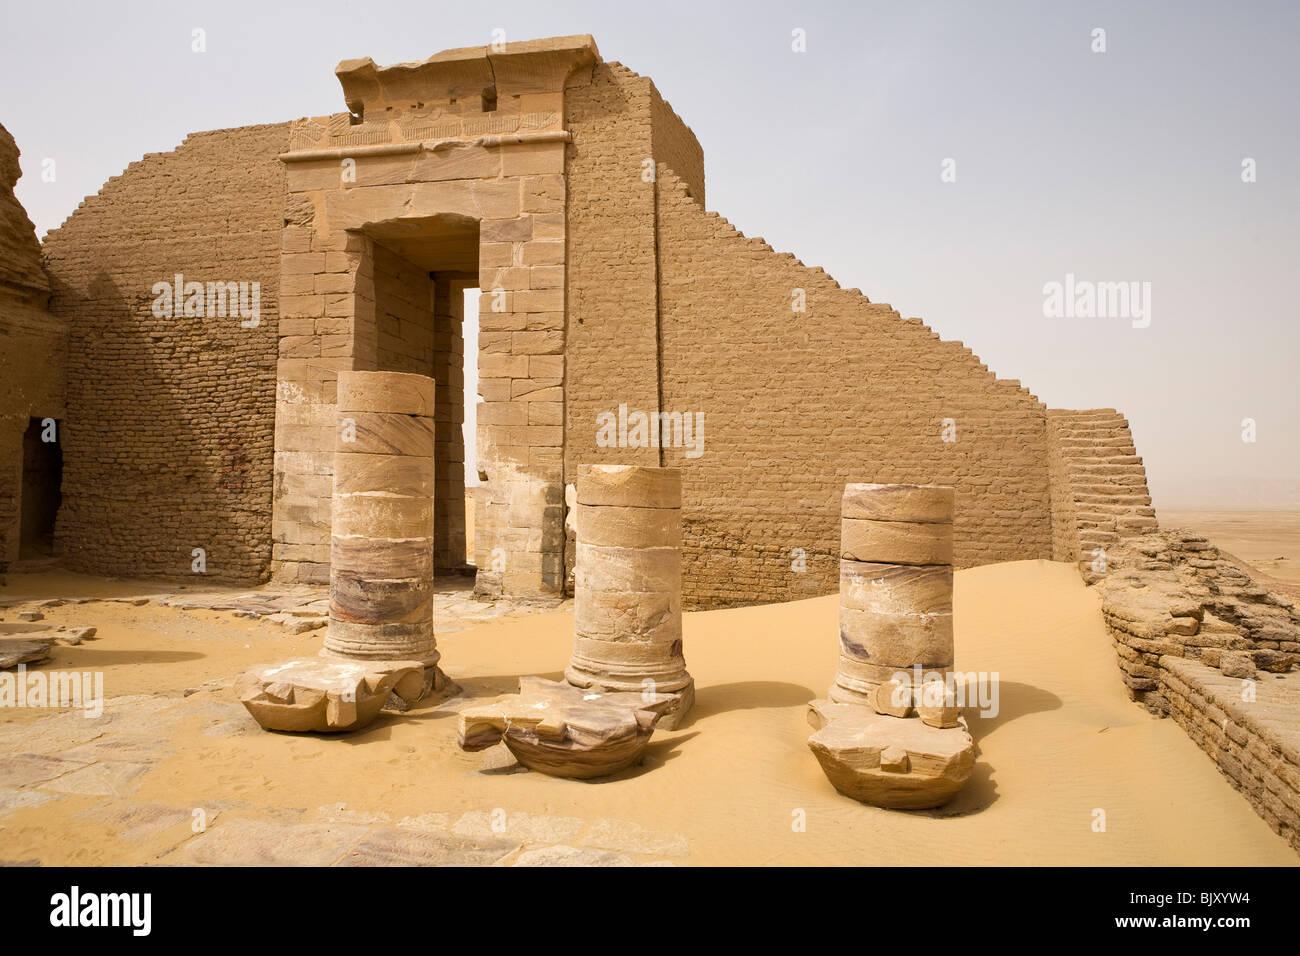 Egypt And Kush Stock Photos Amp Egypt And Kush Stock Images